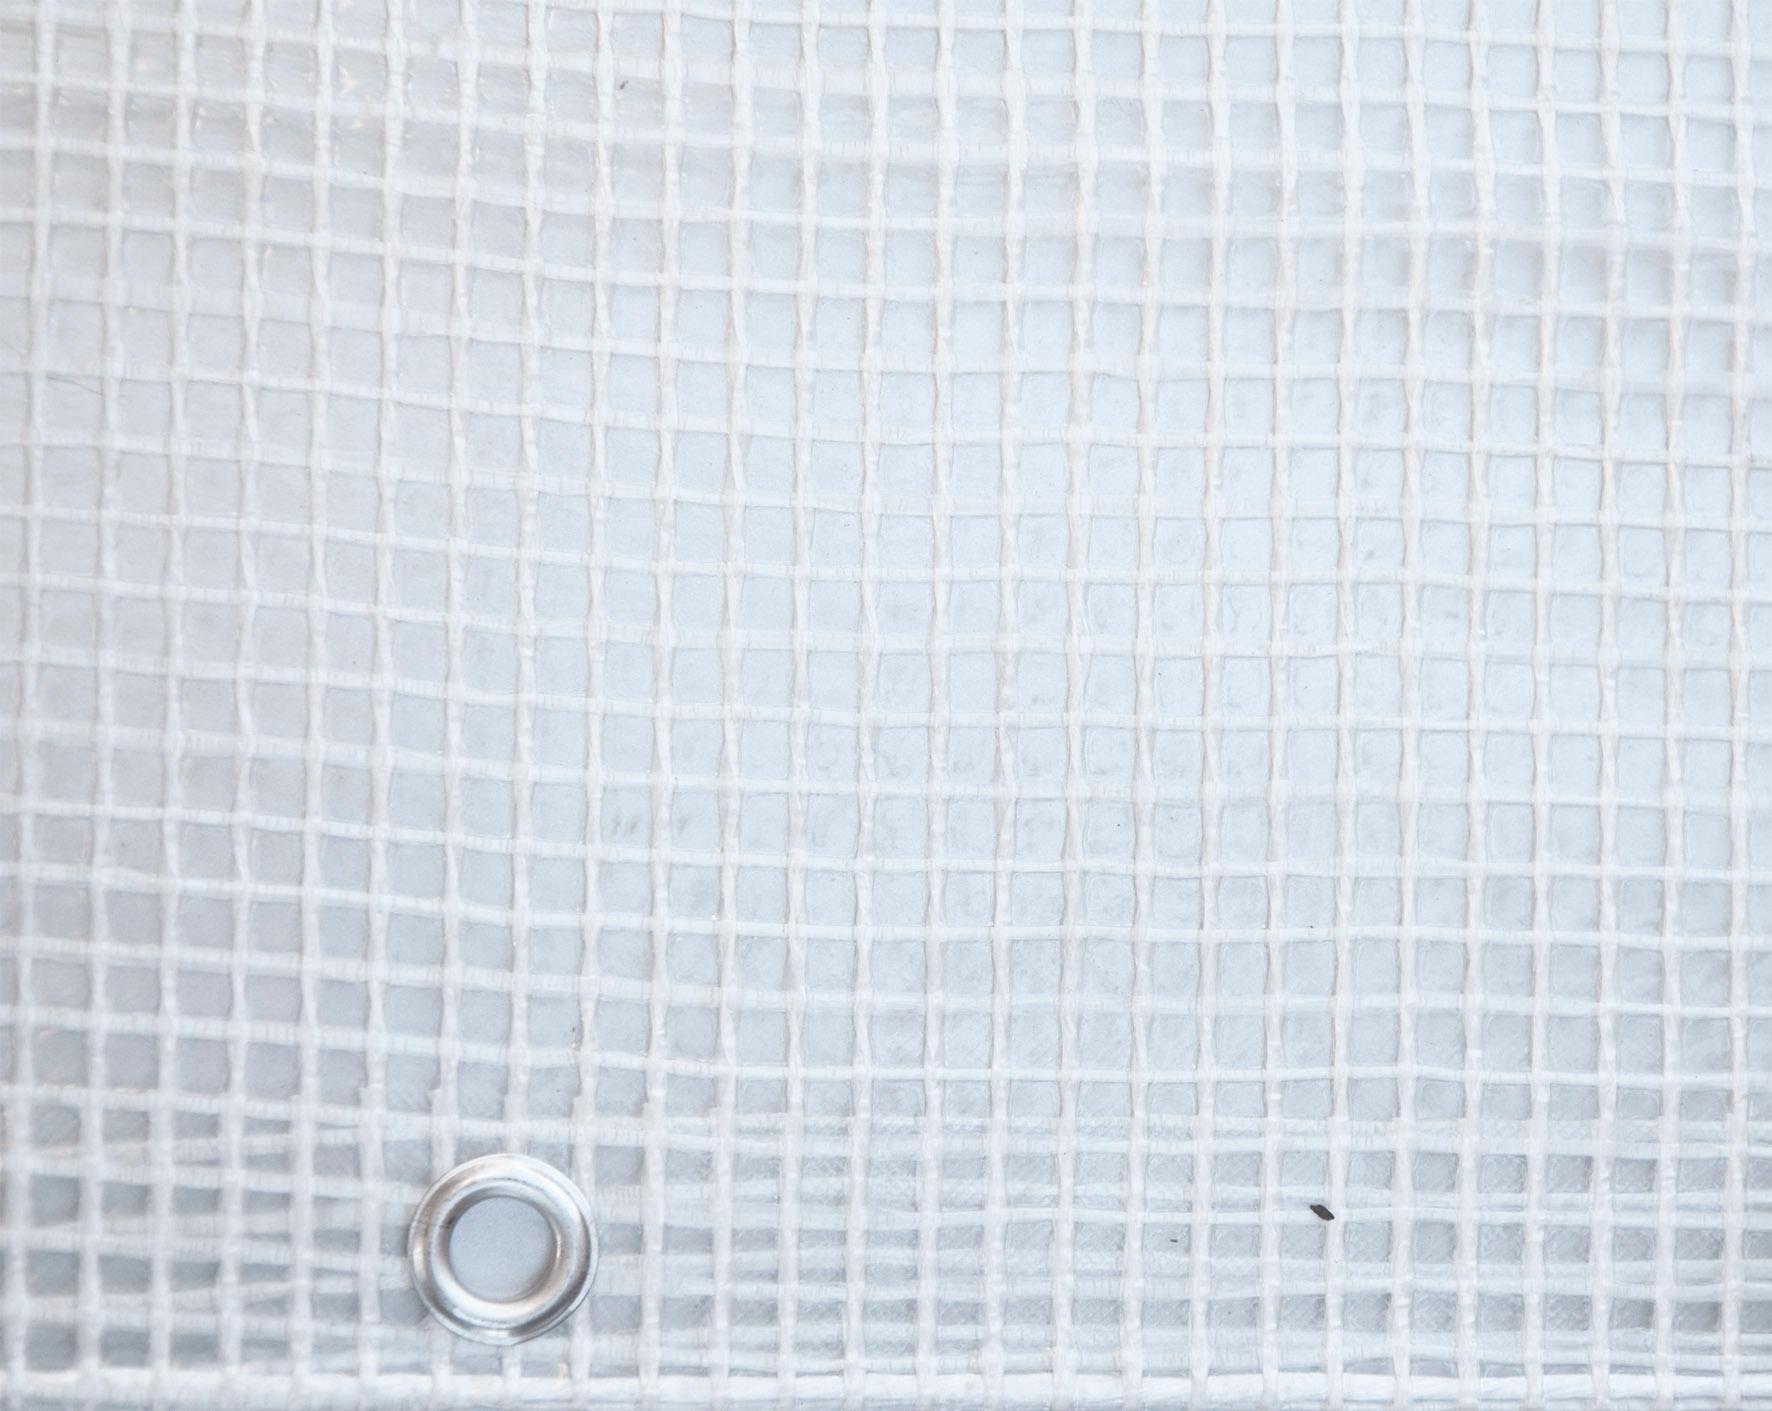 Telo protettivo in polietilene occhiellato retinato L 2 m x H 300 cm 150 g/m² - 4